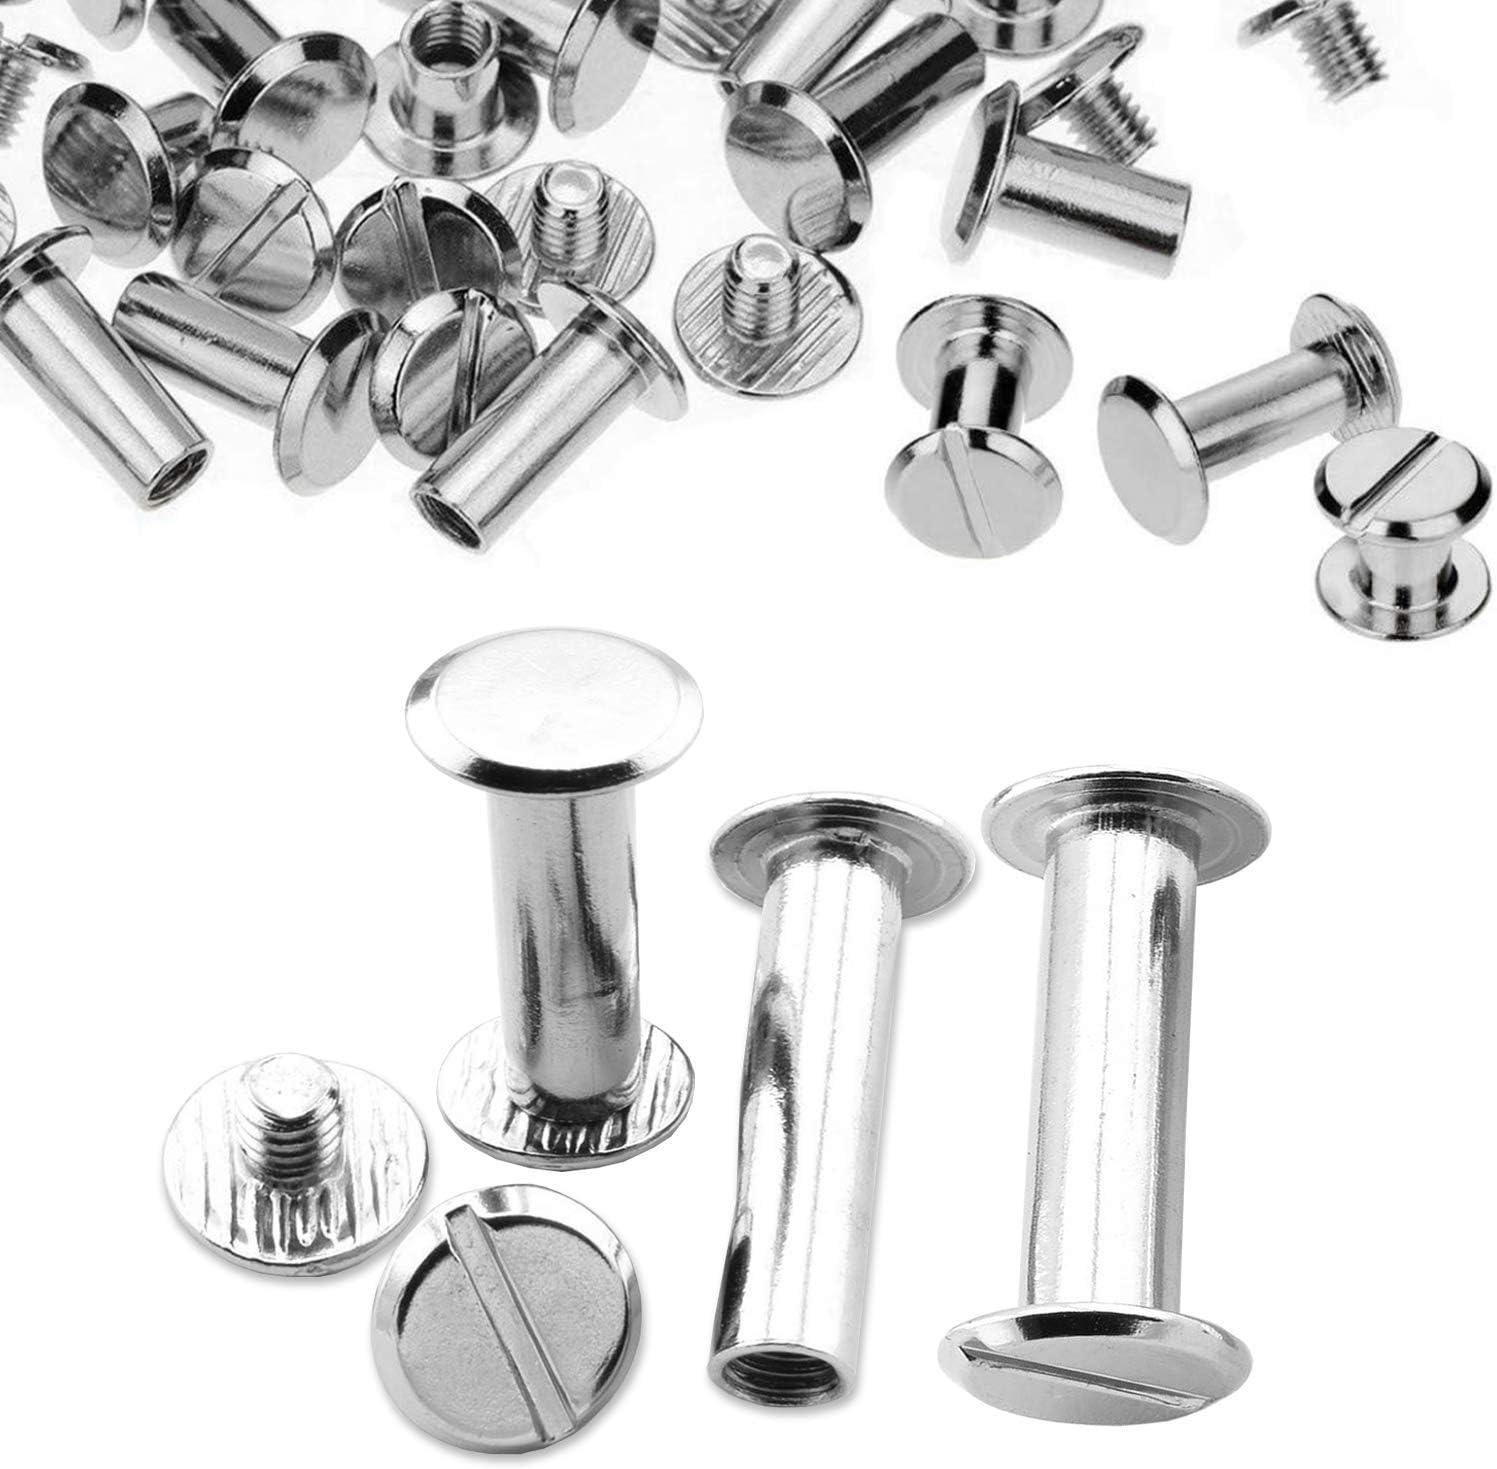 resistente per lavori fai da te rivetti a vite Chicago a testa piatta argento decorazione in ottone resistente artigianato 10 pezzi Trimming Shop